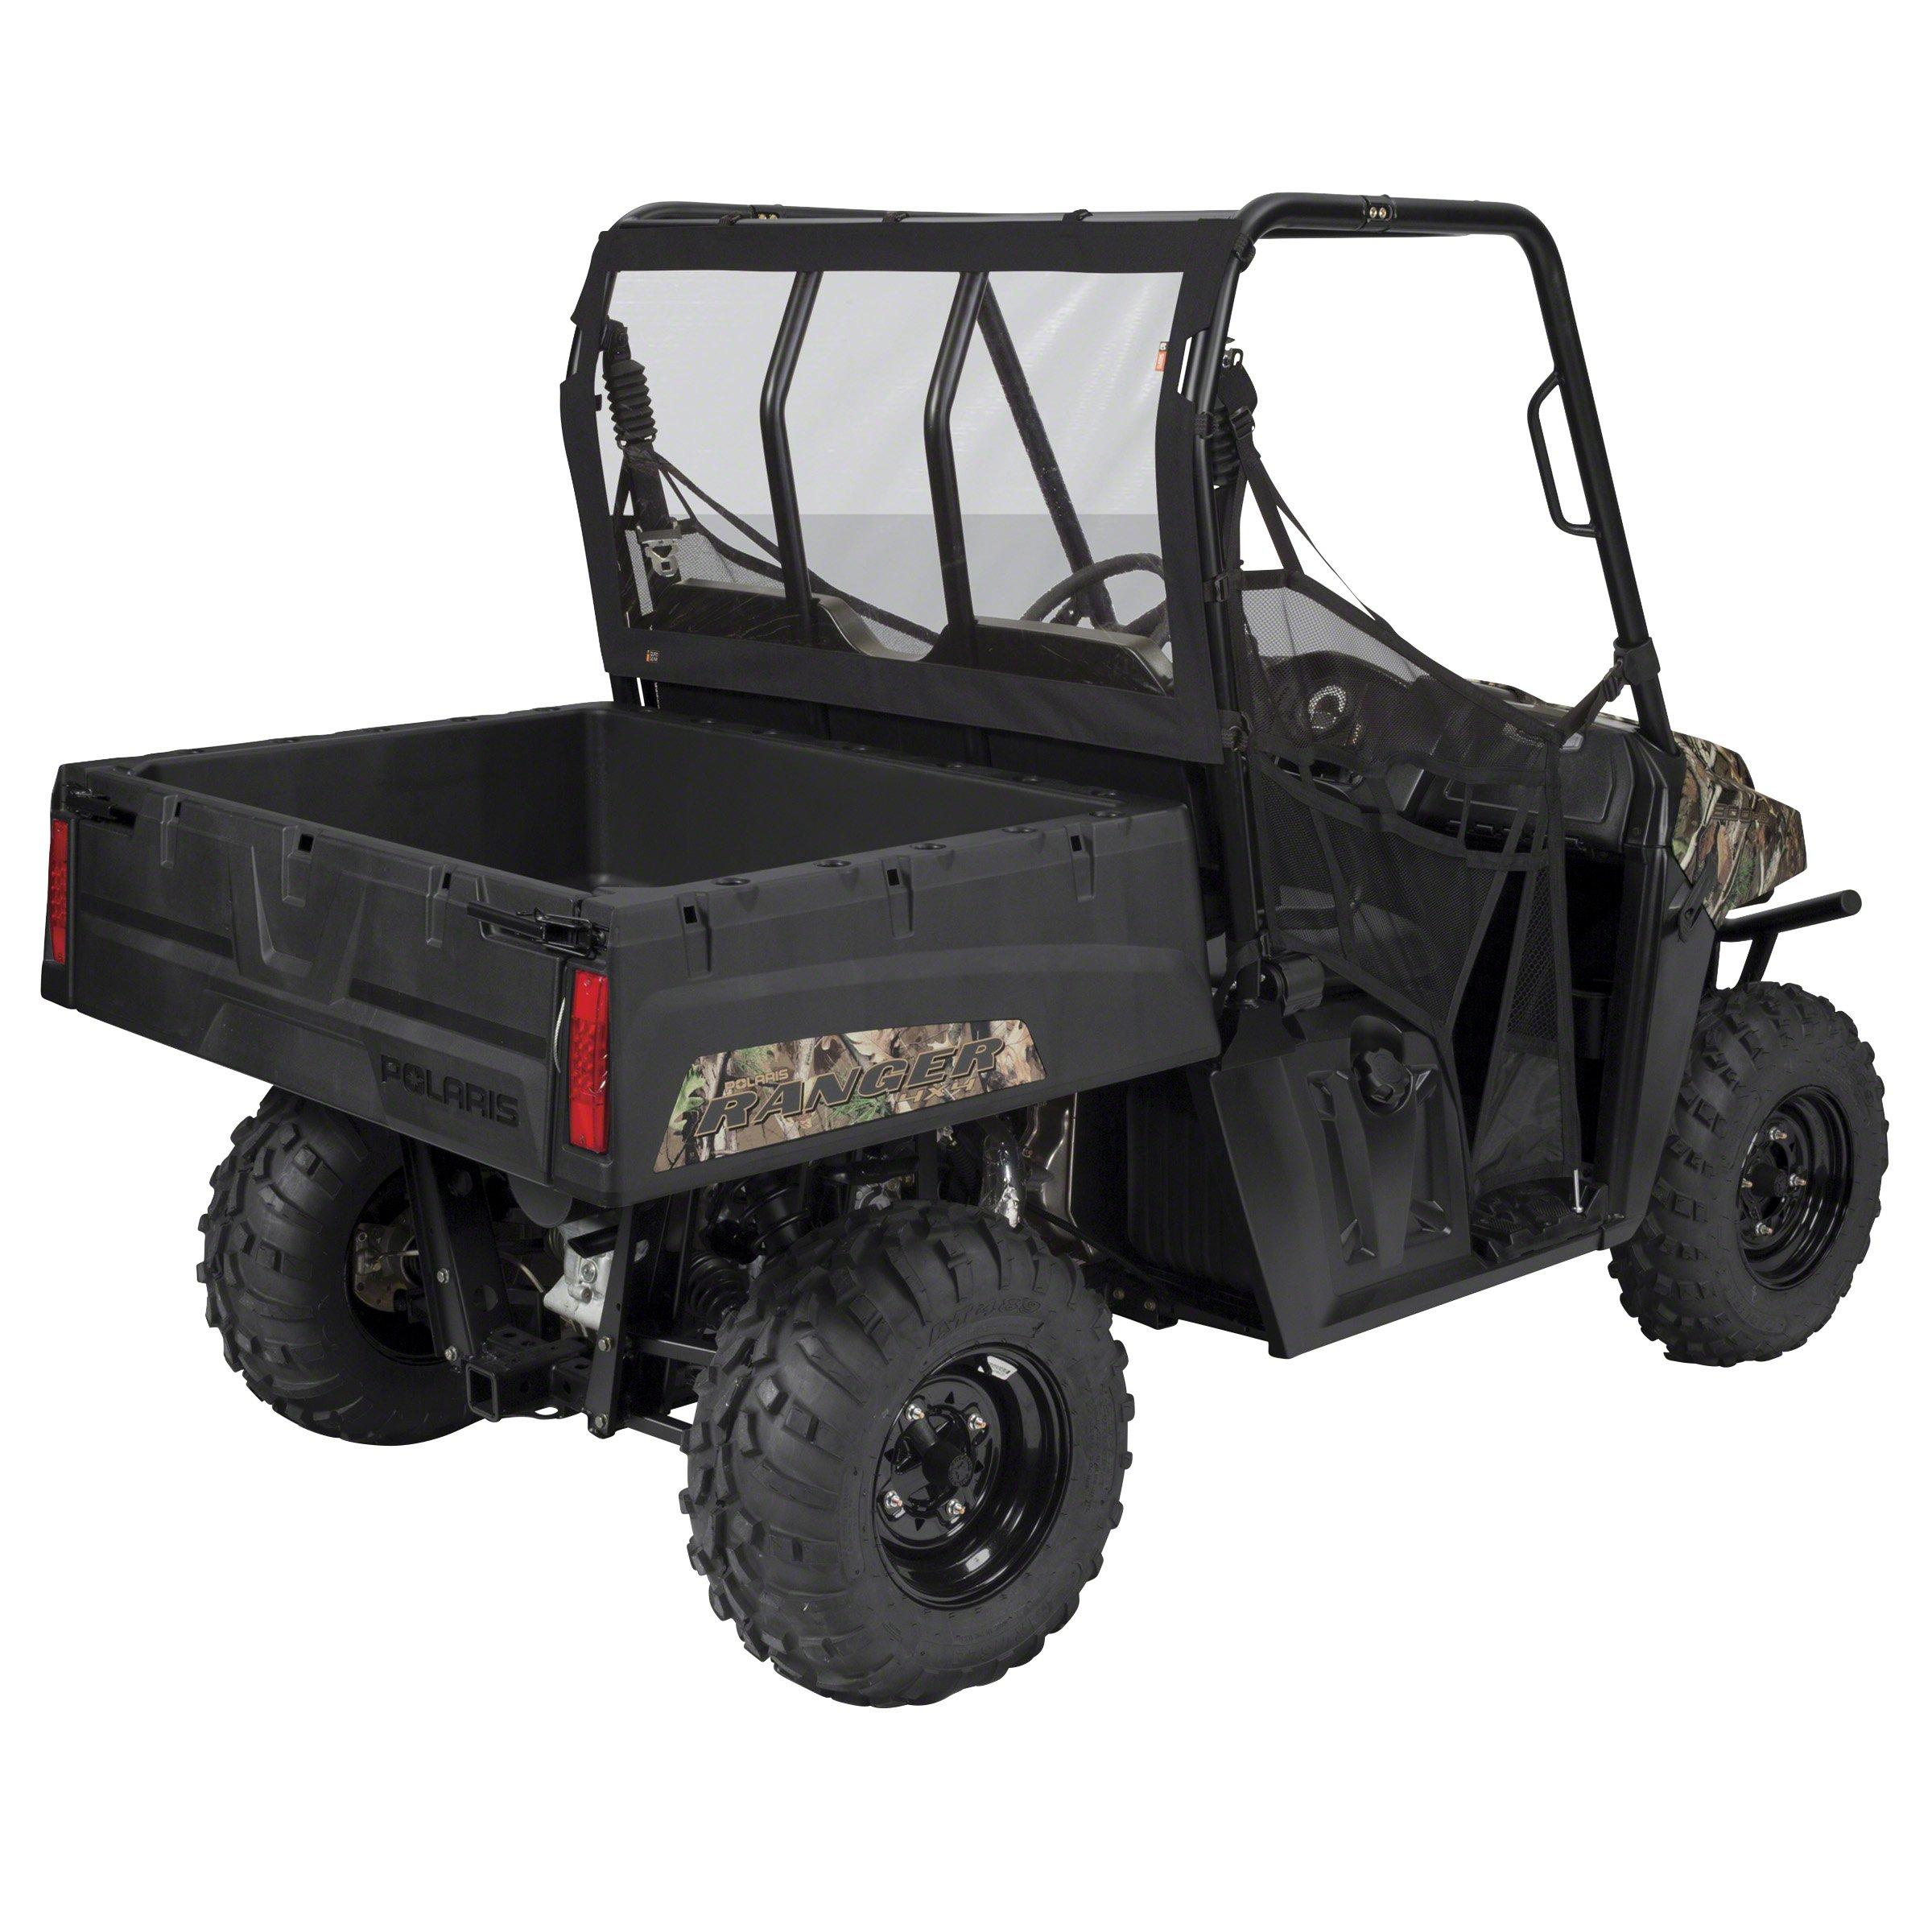 Classic Accessories 4008172 UTV Rear Window - Polaris Ranger 400-570 & 800